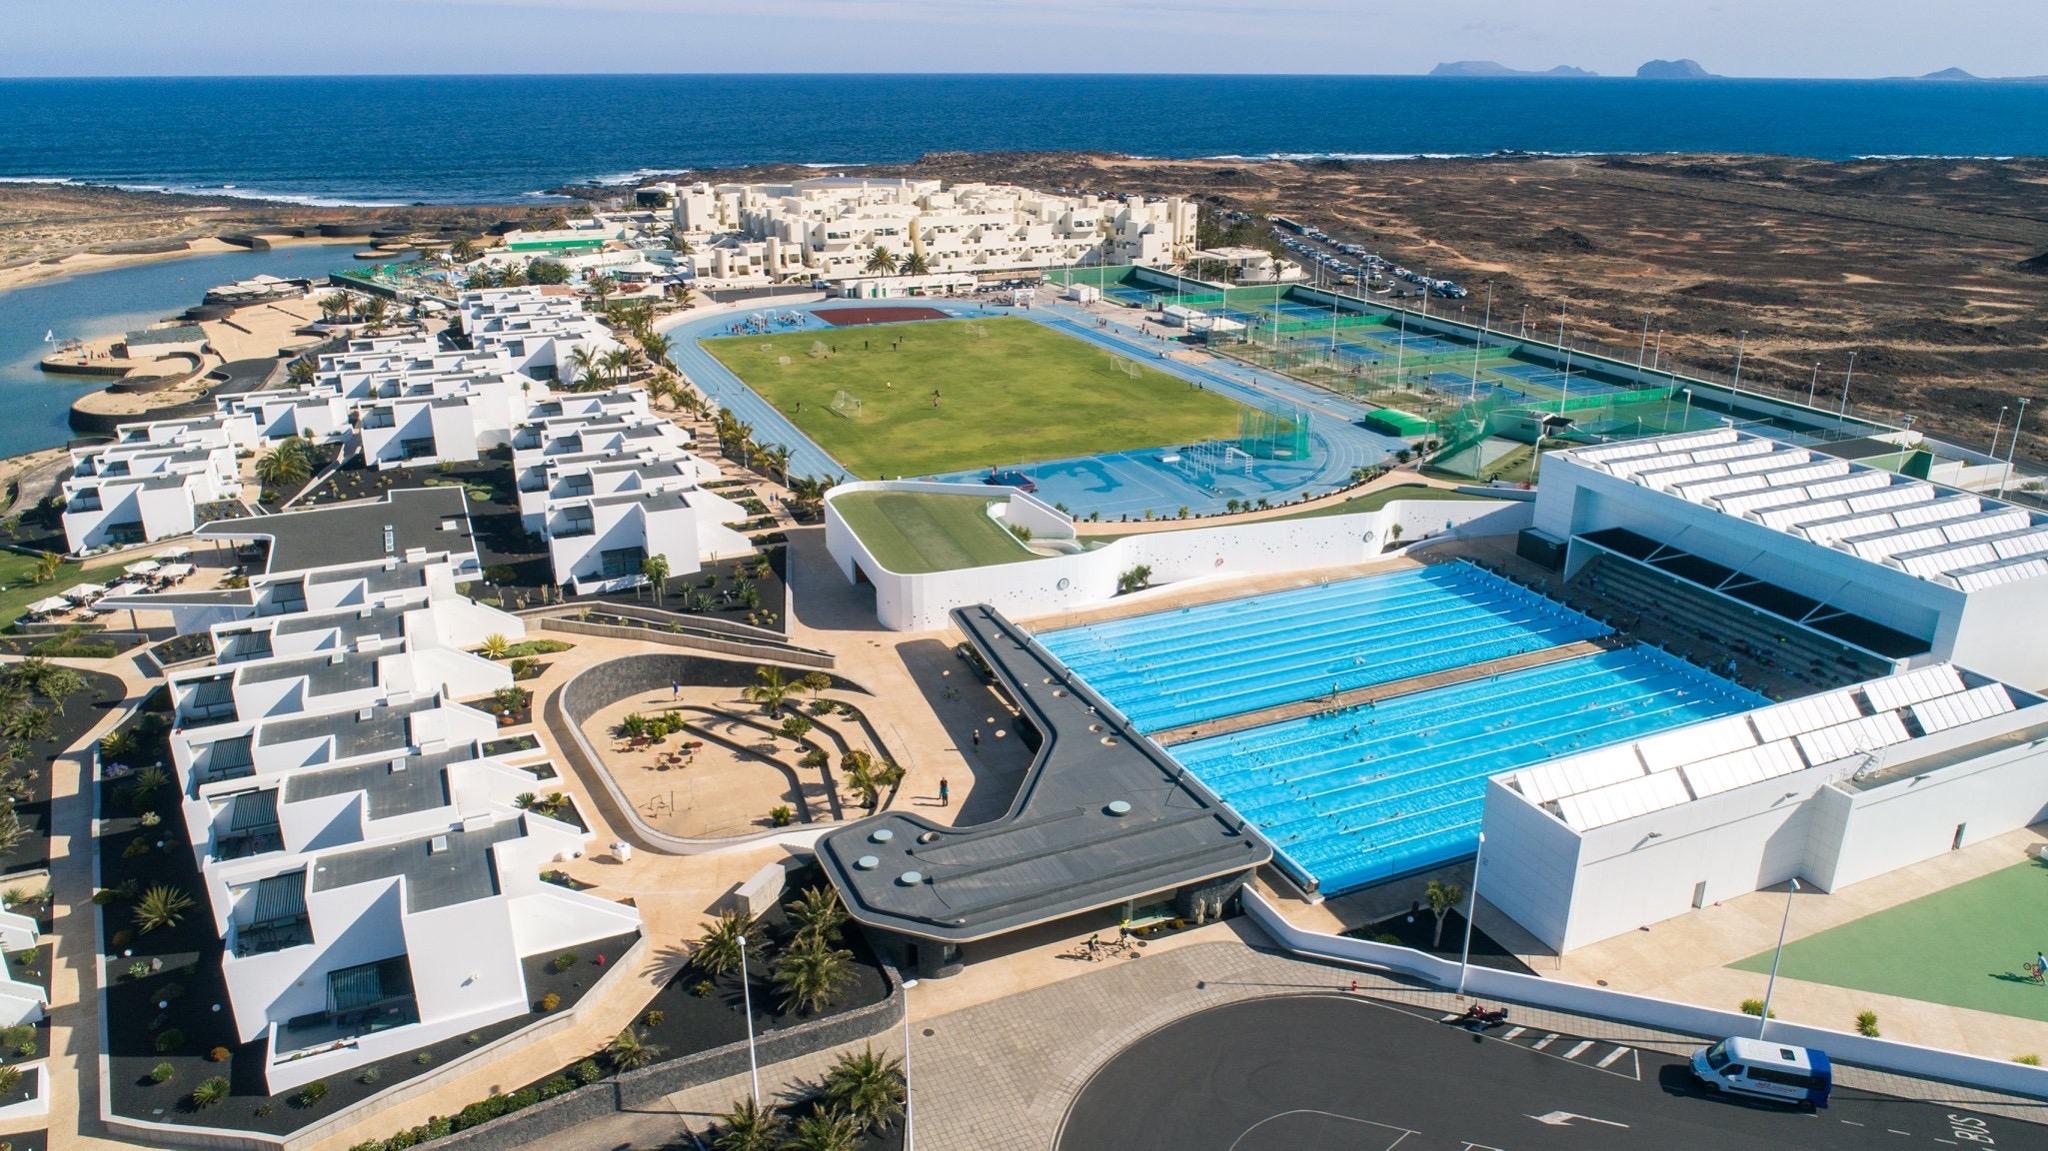 Club La Santa på Lanzarote har tæt på 500 lejligheder og plads til cirka 1.600 gæster, der kan dyrke over 80 sportsgrene på motions- og eliteniveau.